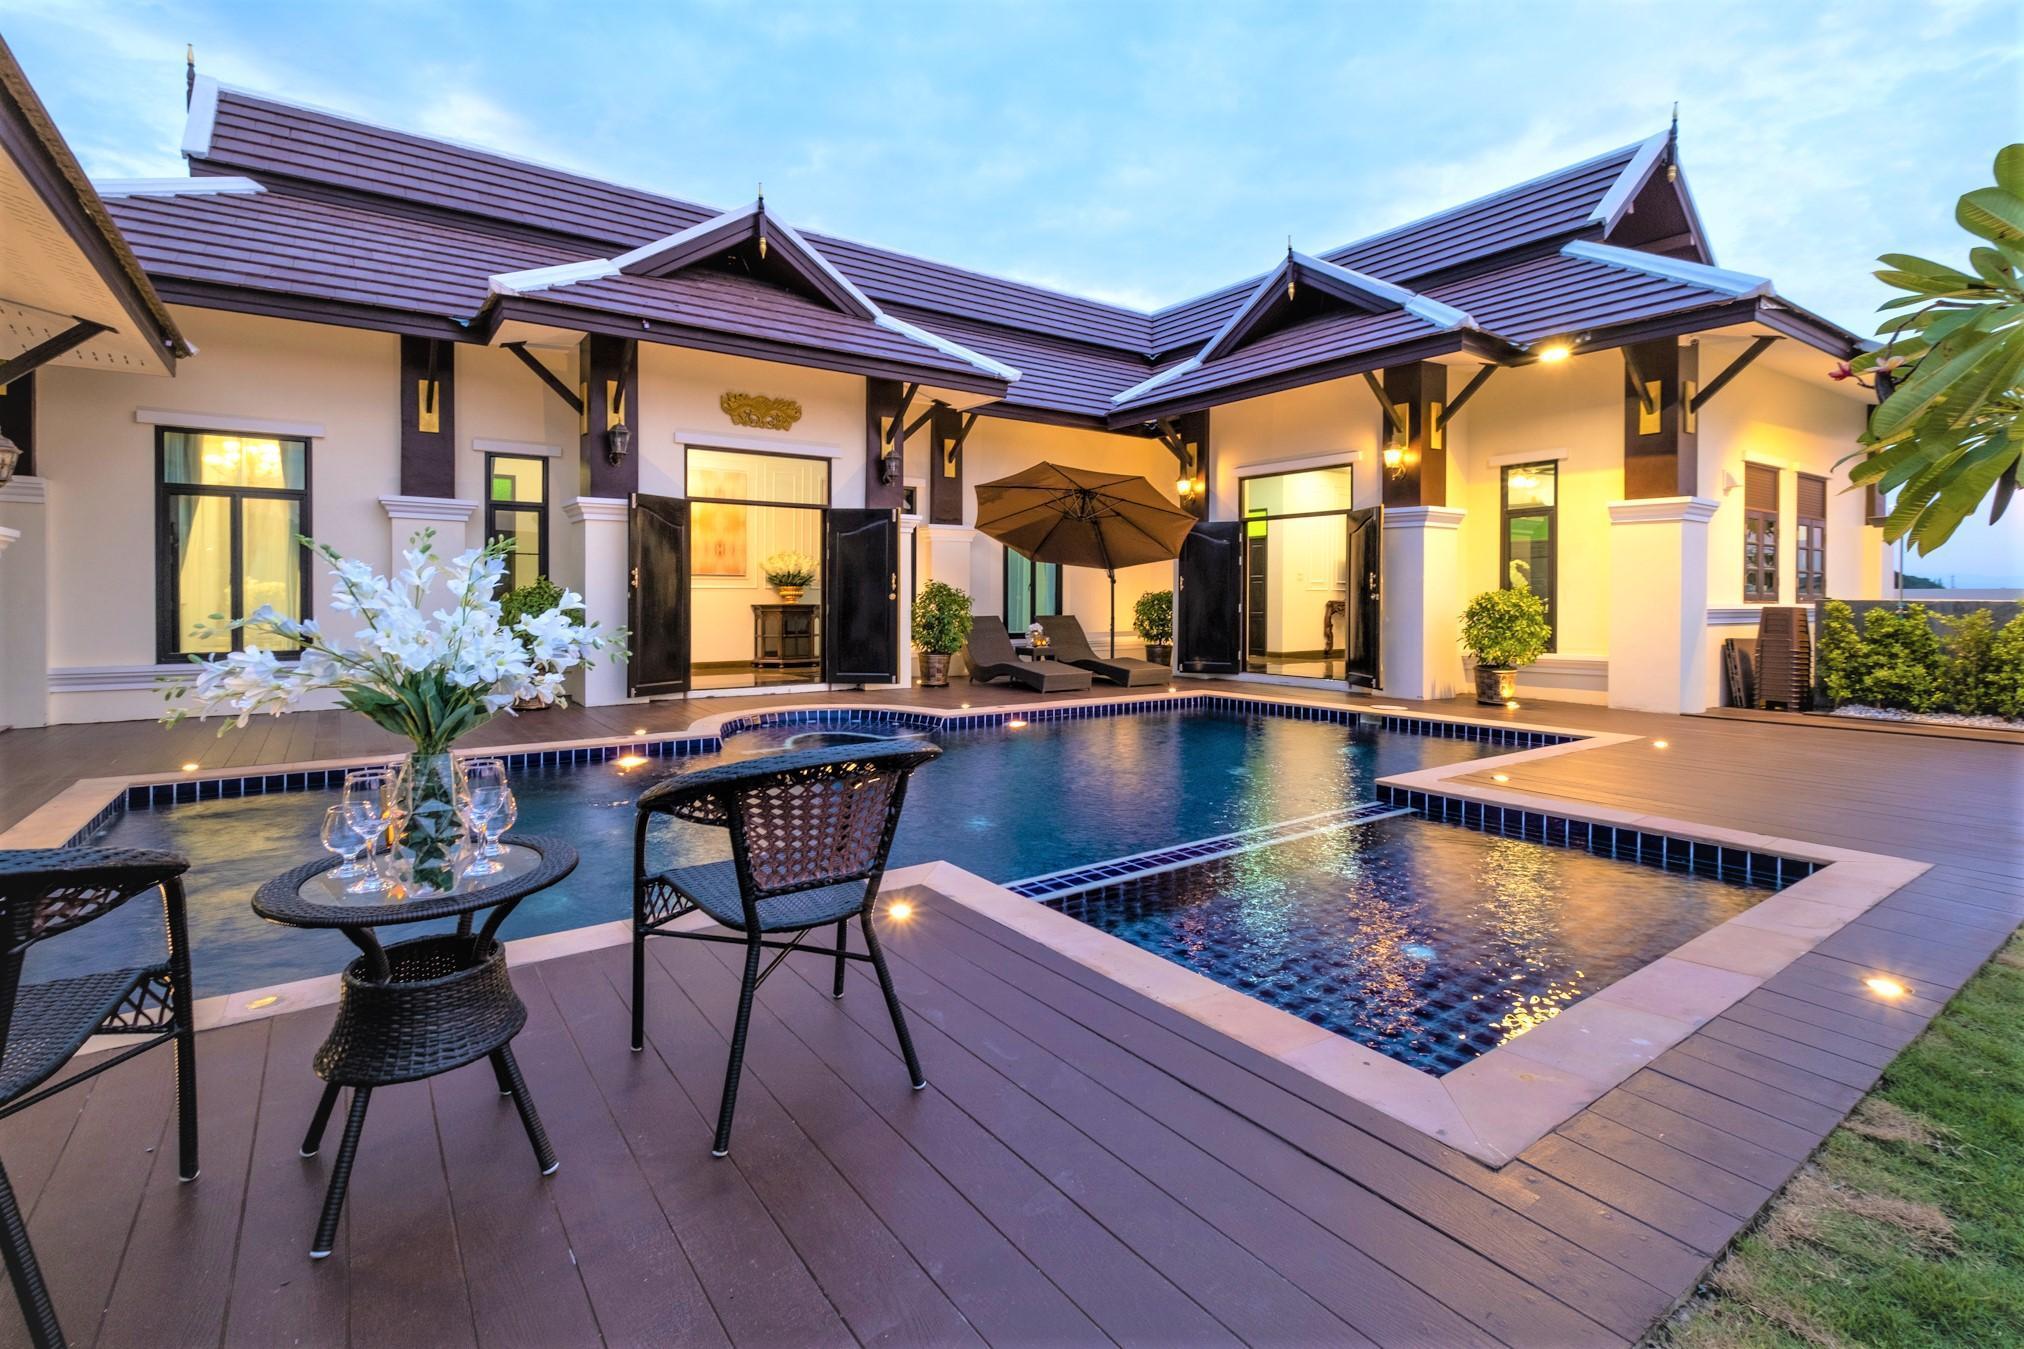 Lanna Kamin Pool Villa @Airport 4 ห้องนอน 5 ห้องน้ำส่วนตัว ขนาด 880 ตร.ม. – สนามบินเชียงใหม่